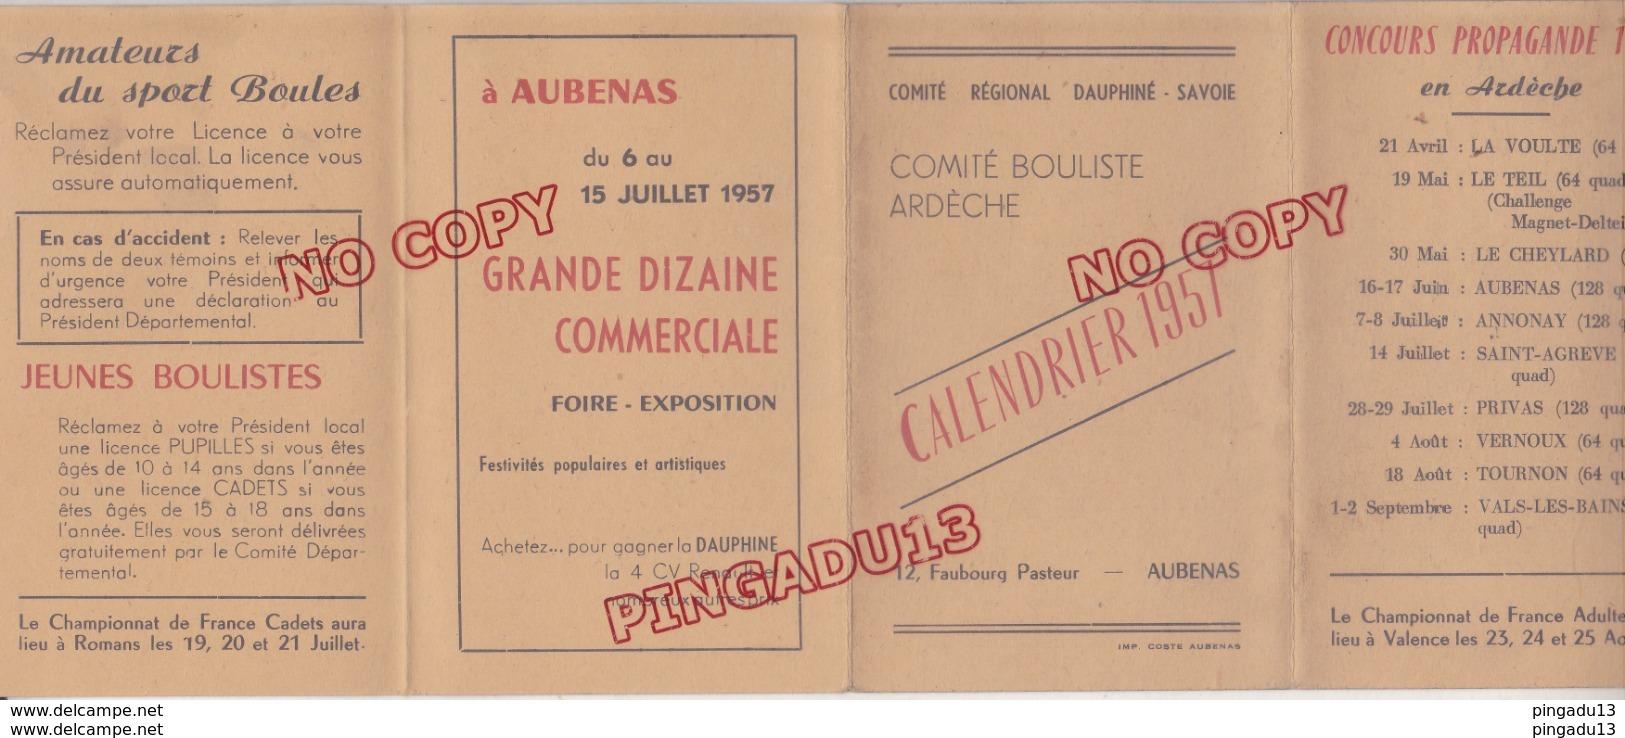 Bowls   Pétanque   Au plus rapide calendrier 1957 Comité bouliste